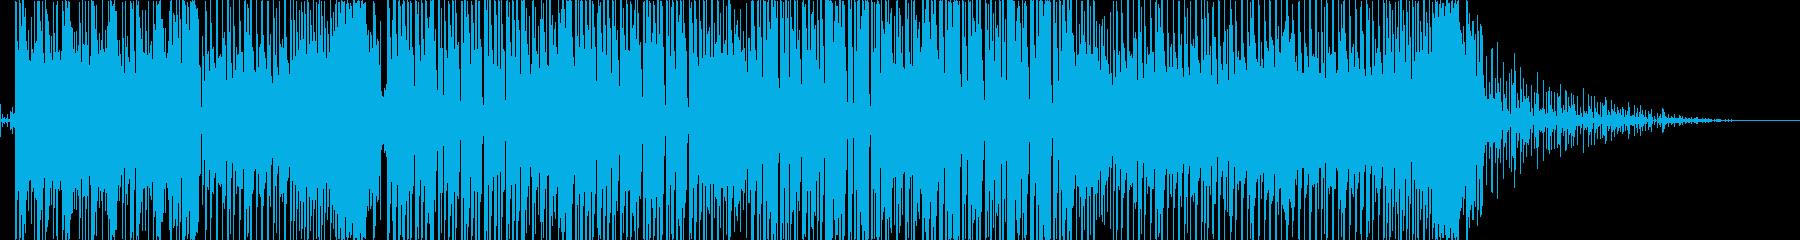 おしゃれなジャージークラブ(声ネタ無し)の再生済みの波形